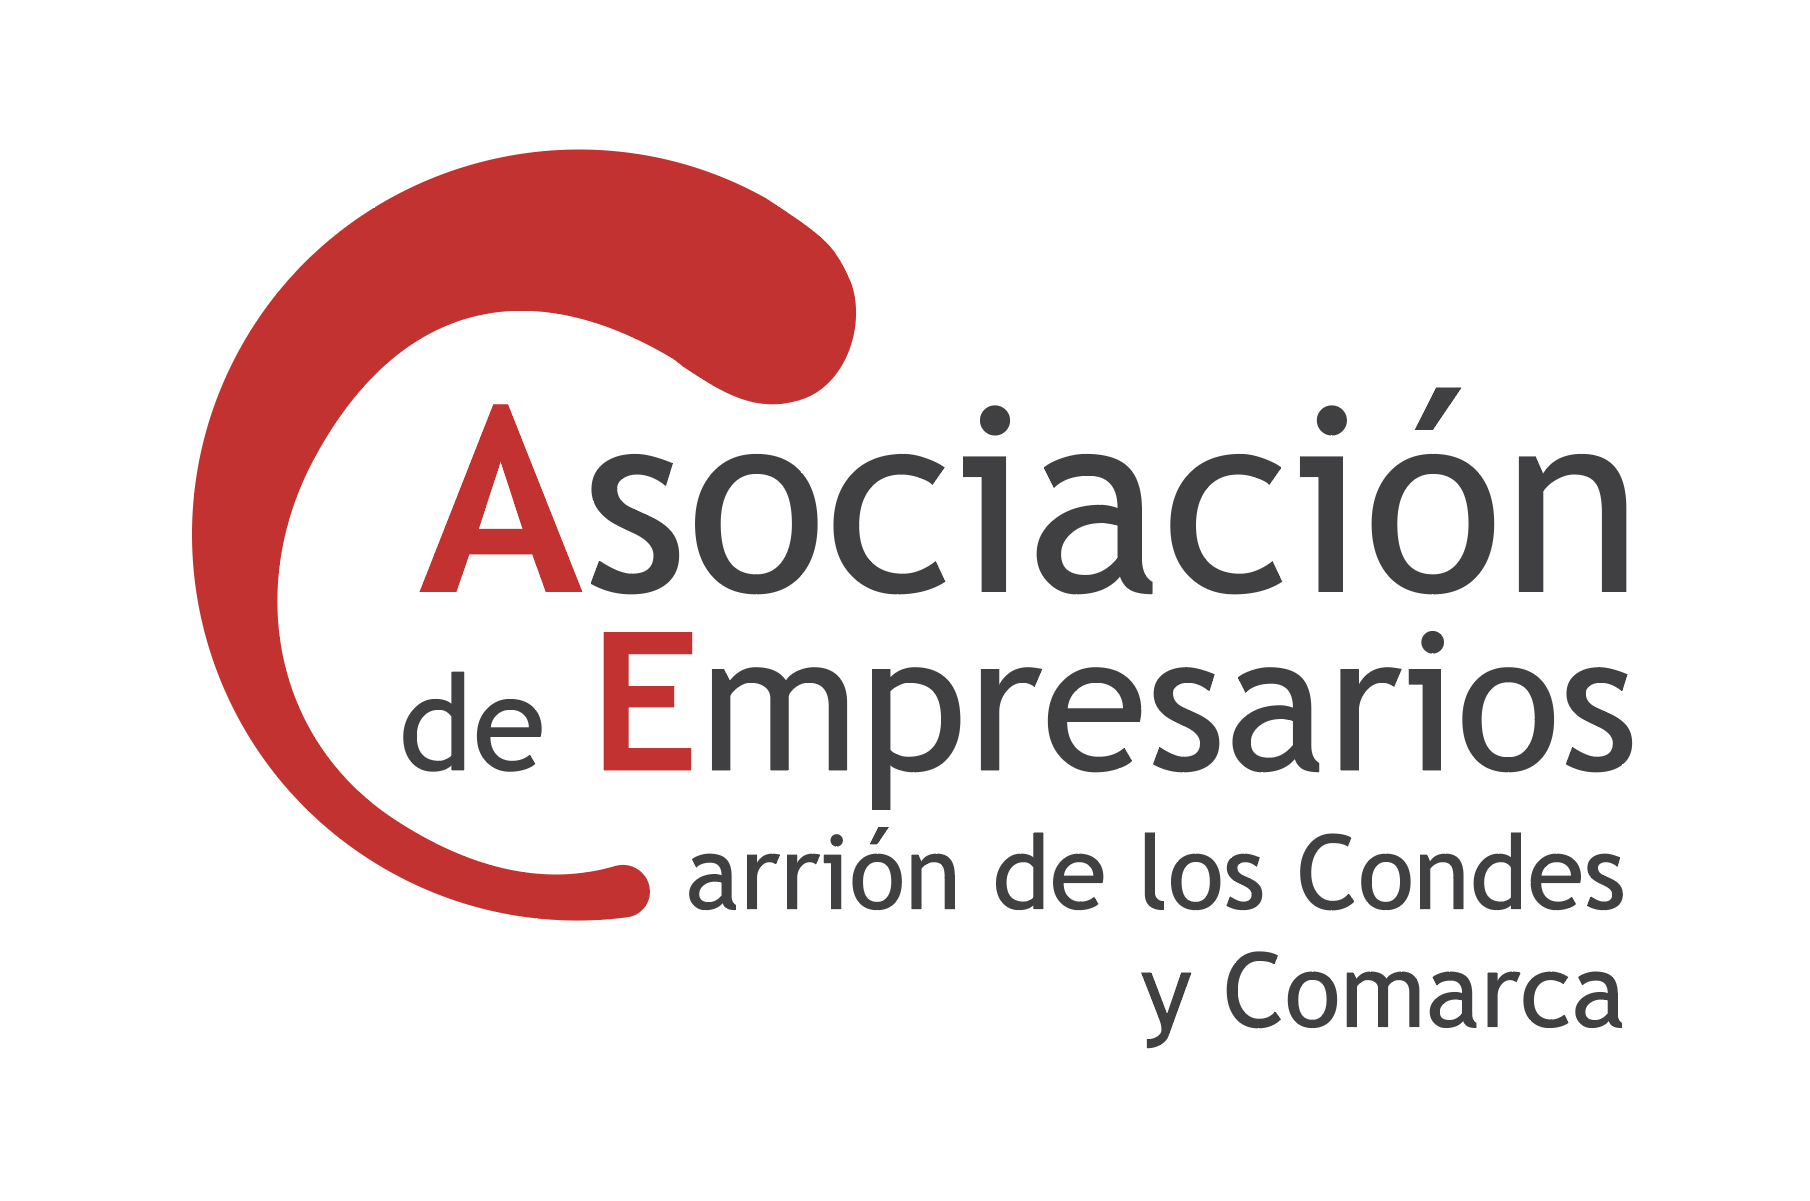 CREACIÓN ASOCIACIÓN DE EMPRESARIOS DE CARRIÓN DE LOS CONDES Y COMARCA